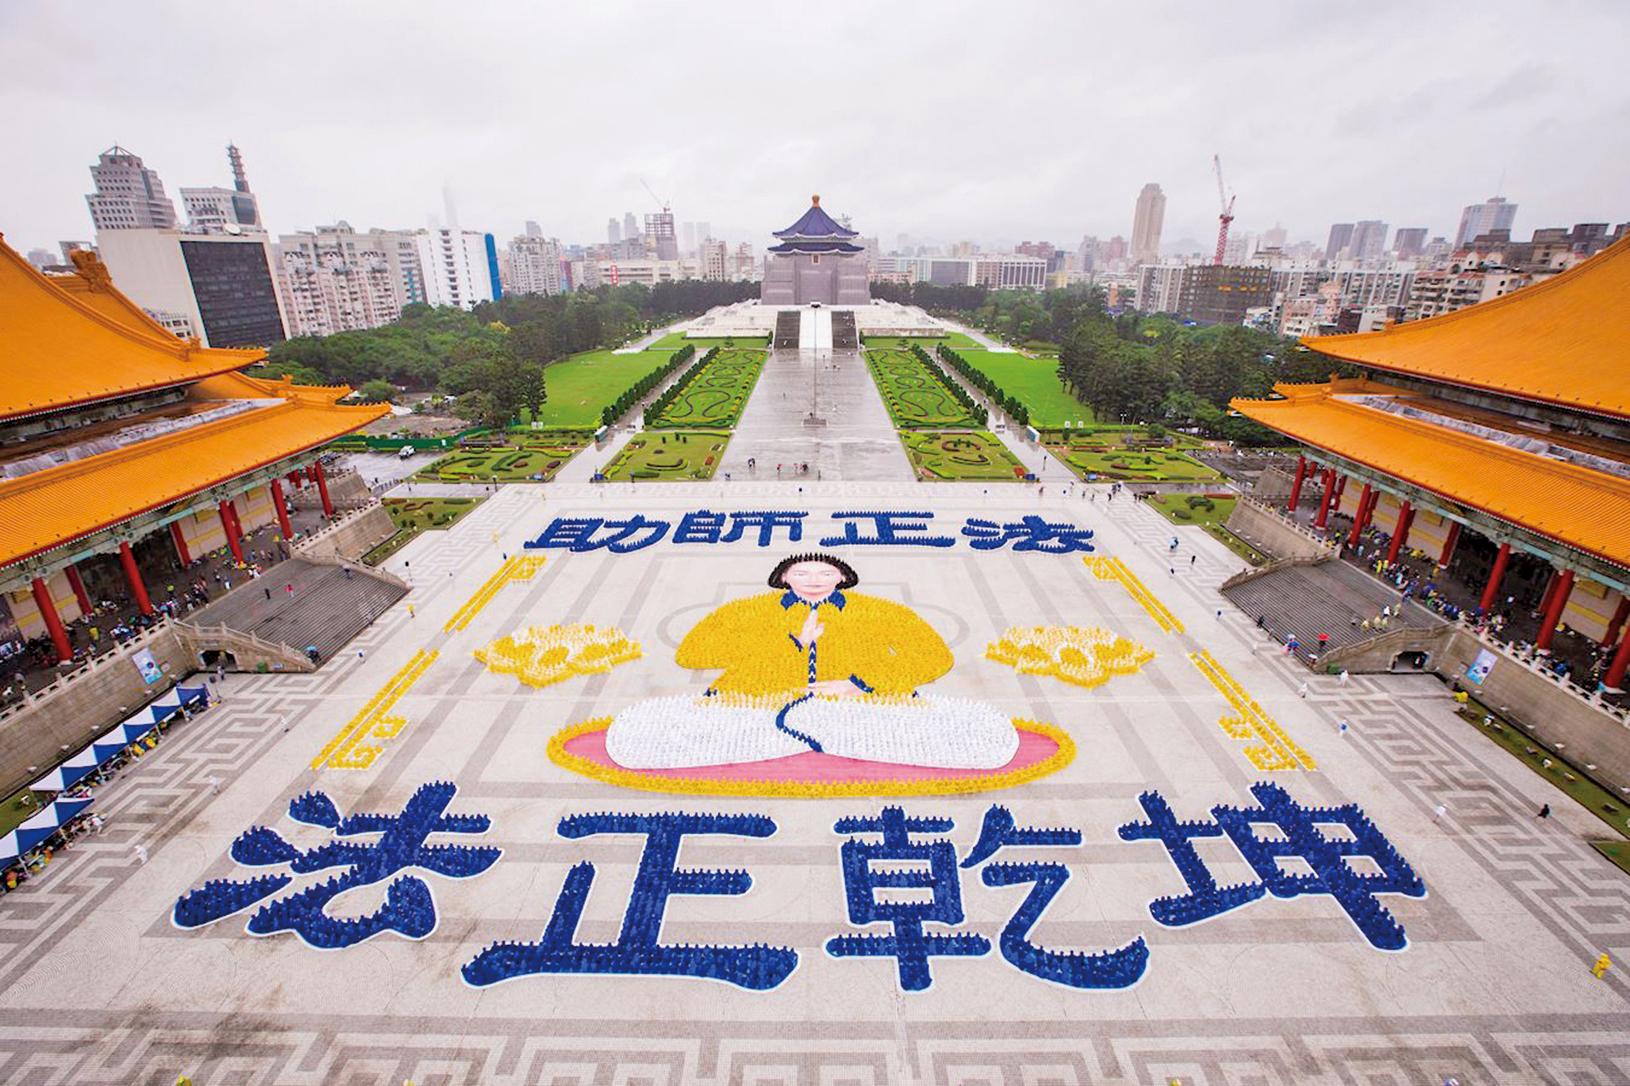 來自台灣及世界各地6,400名法輪功學員,11月25日齊聚在台北中正紀念堂排字,在風雨中,排出壯觀圖像「助師正法 法正乾坤」。(陳柏州/大紀元)